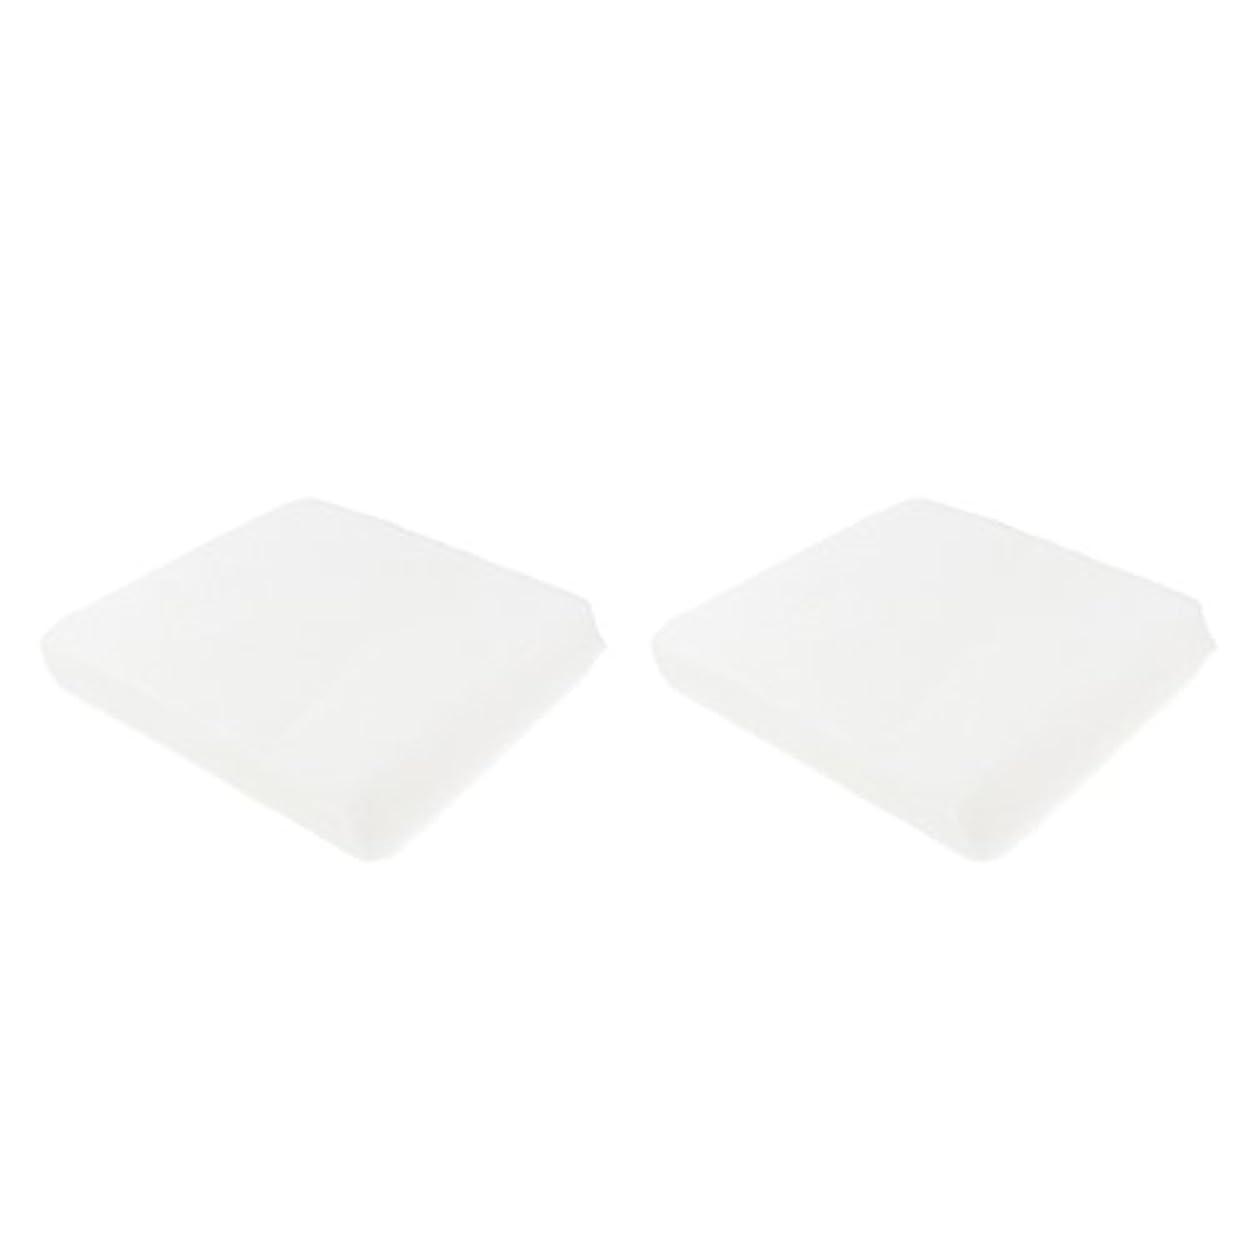 のれん顎簡略化するクレンジングシート メイク落とし 使い捨て 洗顔シート 不織布 顔クレンジング 2サイズ - 1#